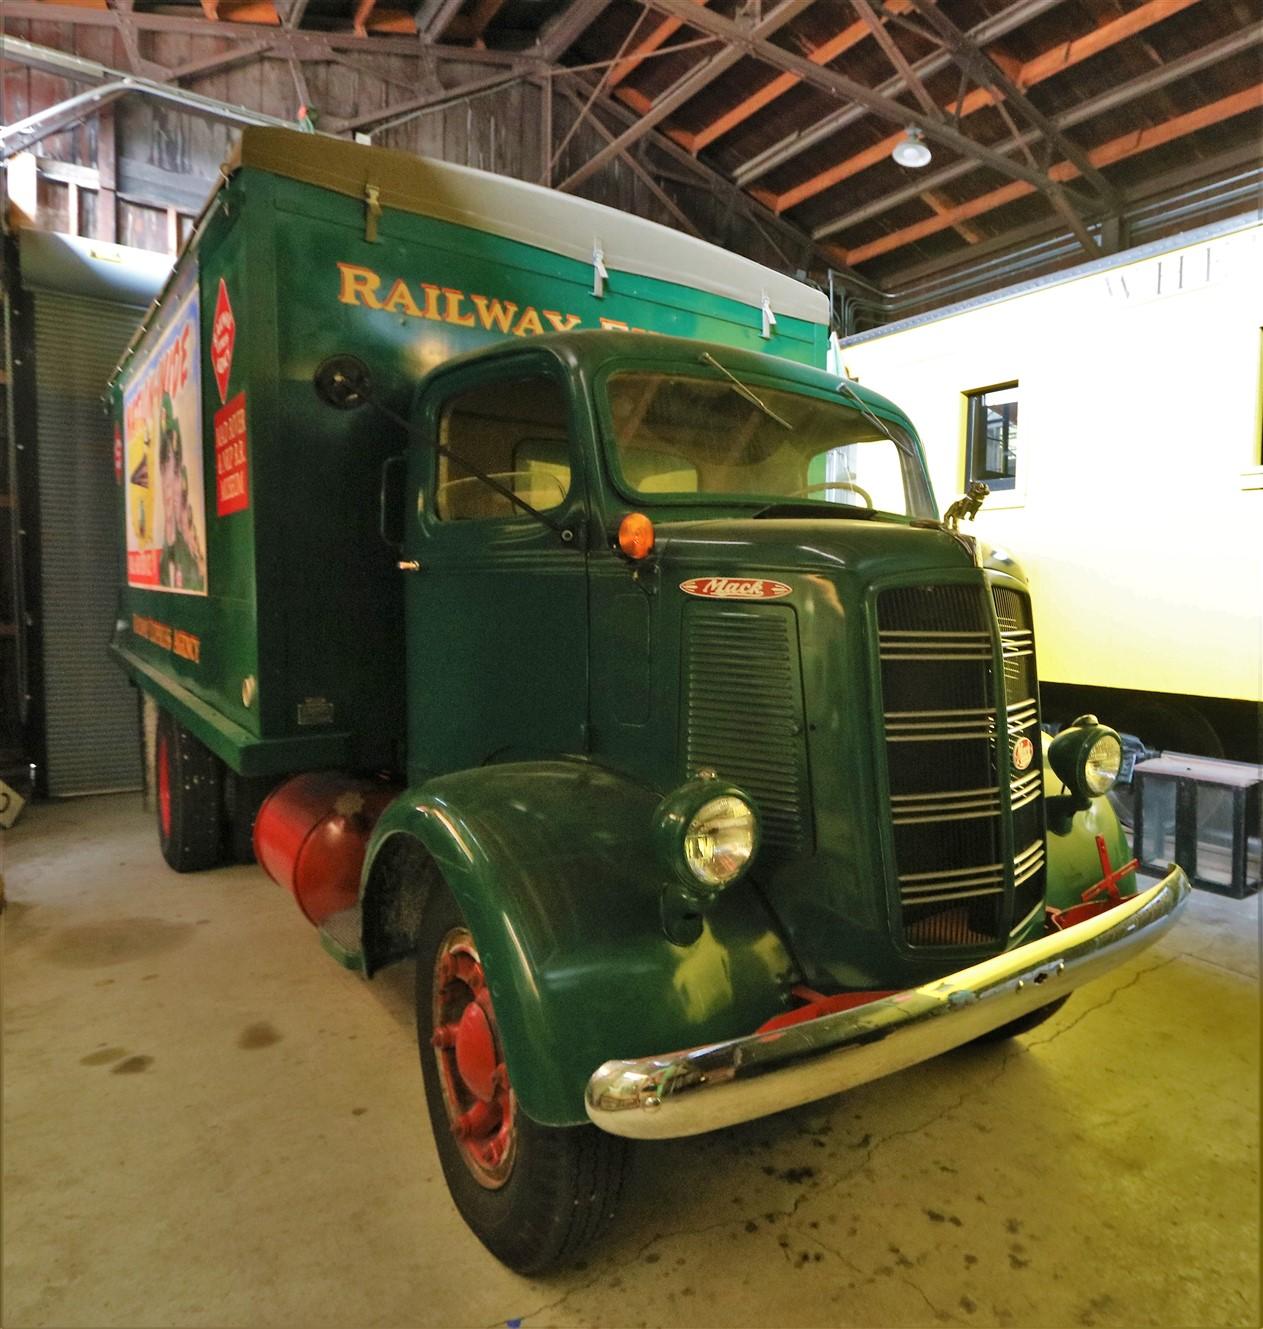 2018 05 19 75 Bellevue OH Mad River & Nickel Plate Railroad Museum.jpg